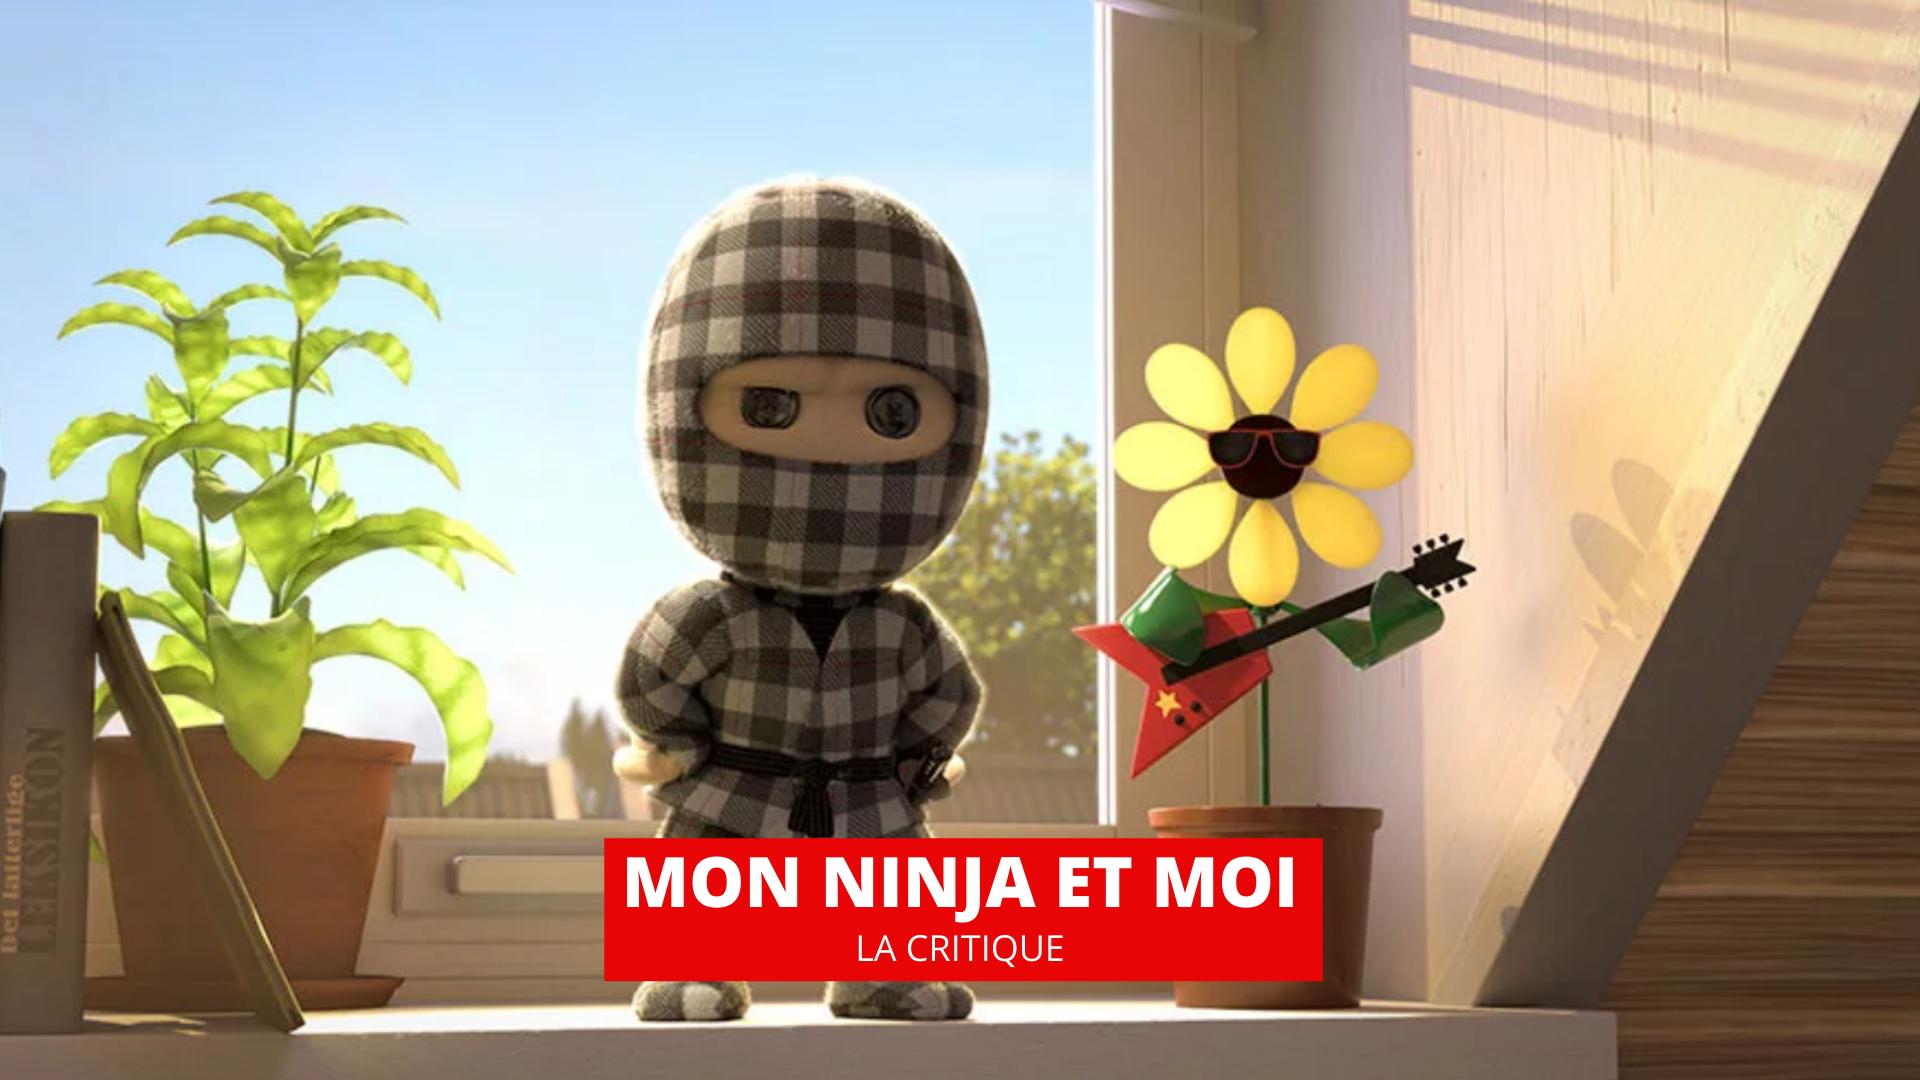 Critique de Mon ninja et moi (Film, 2020) - CinéSéries